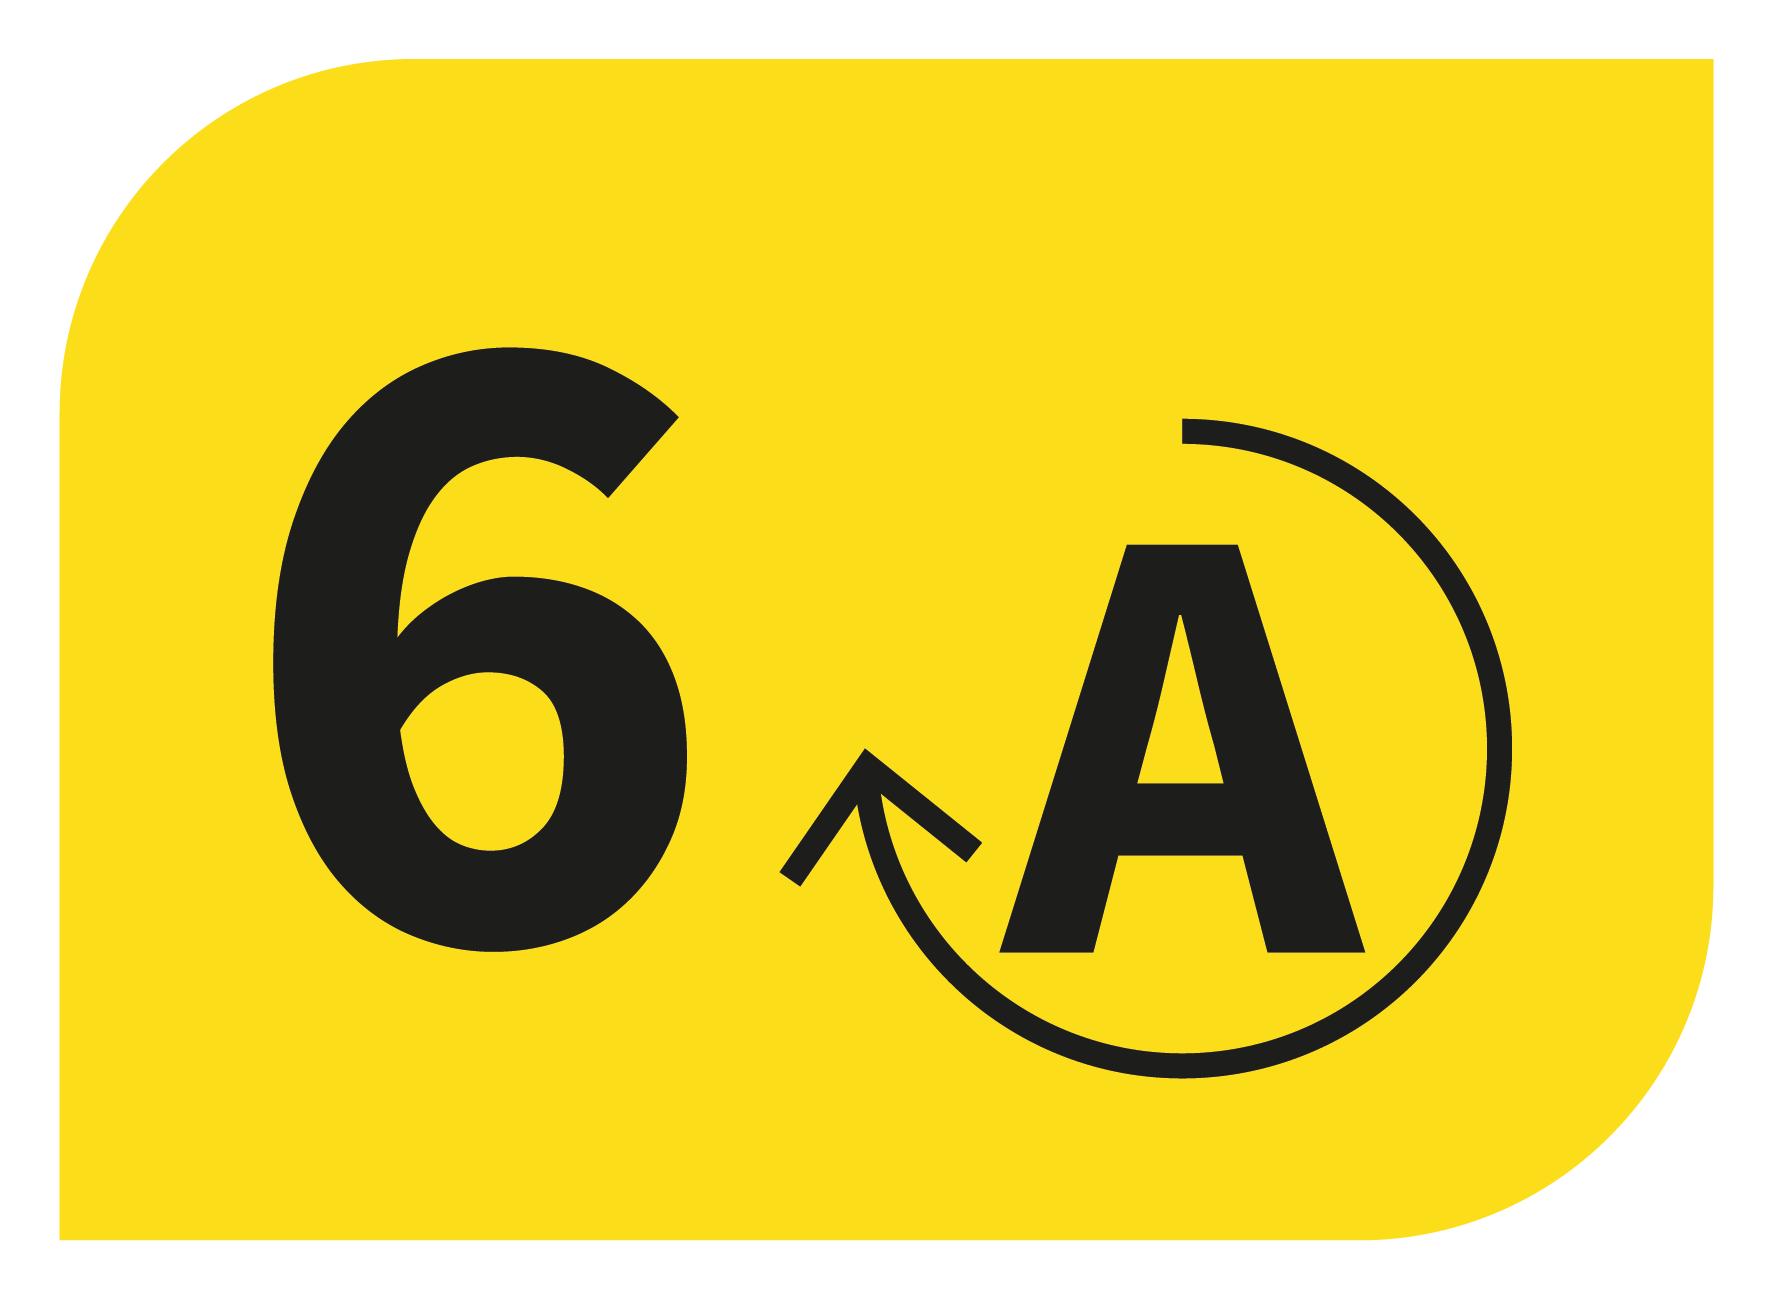 Ligne 6A